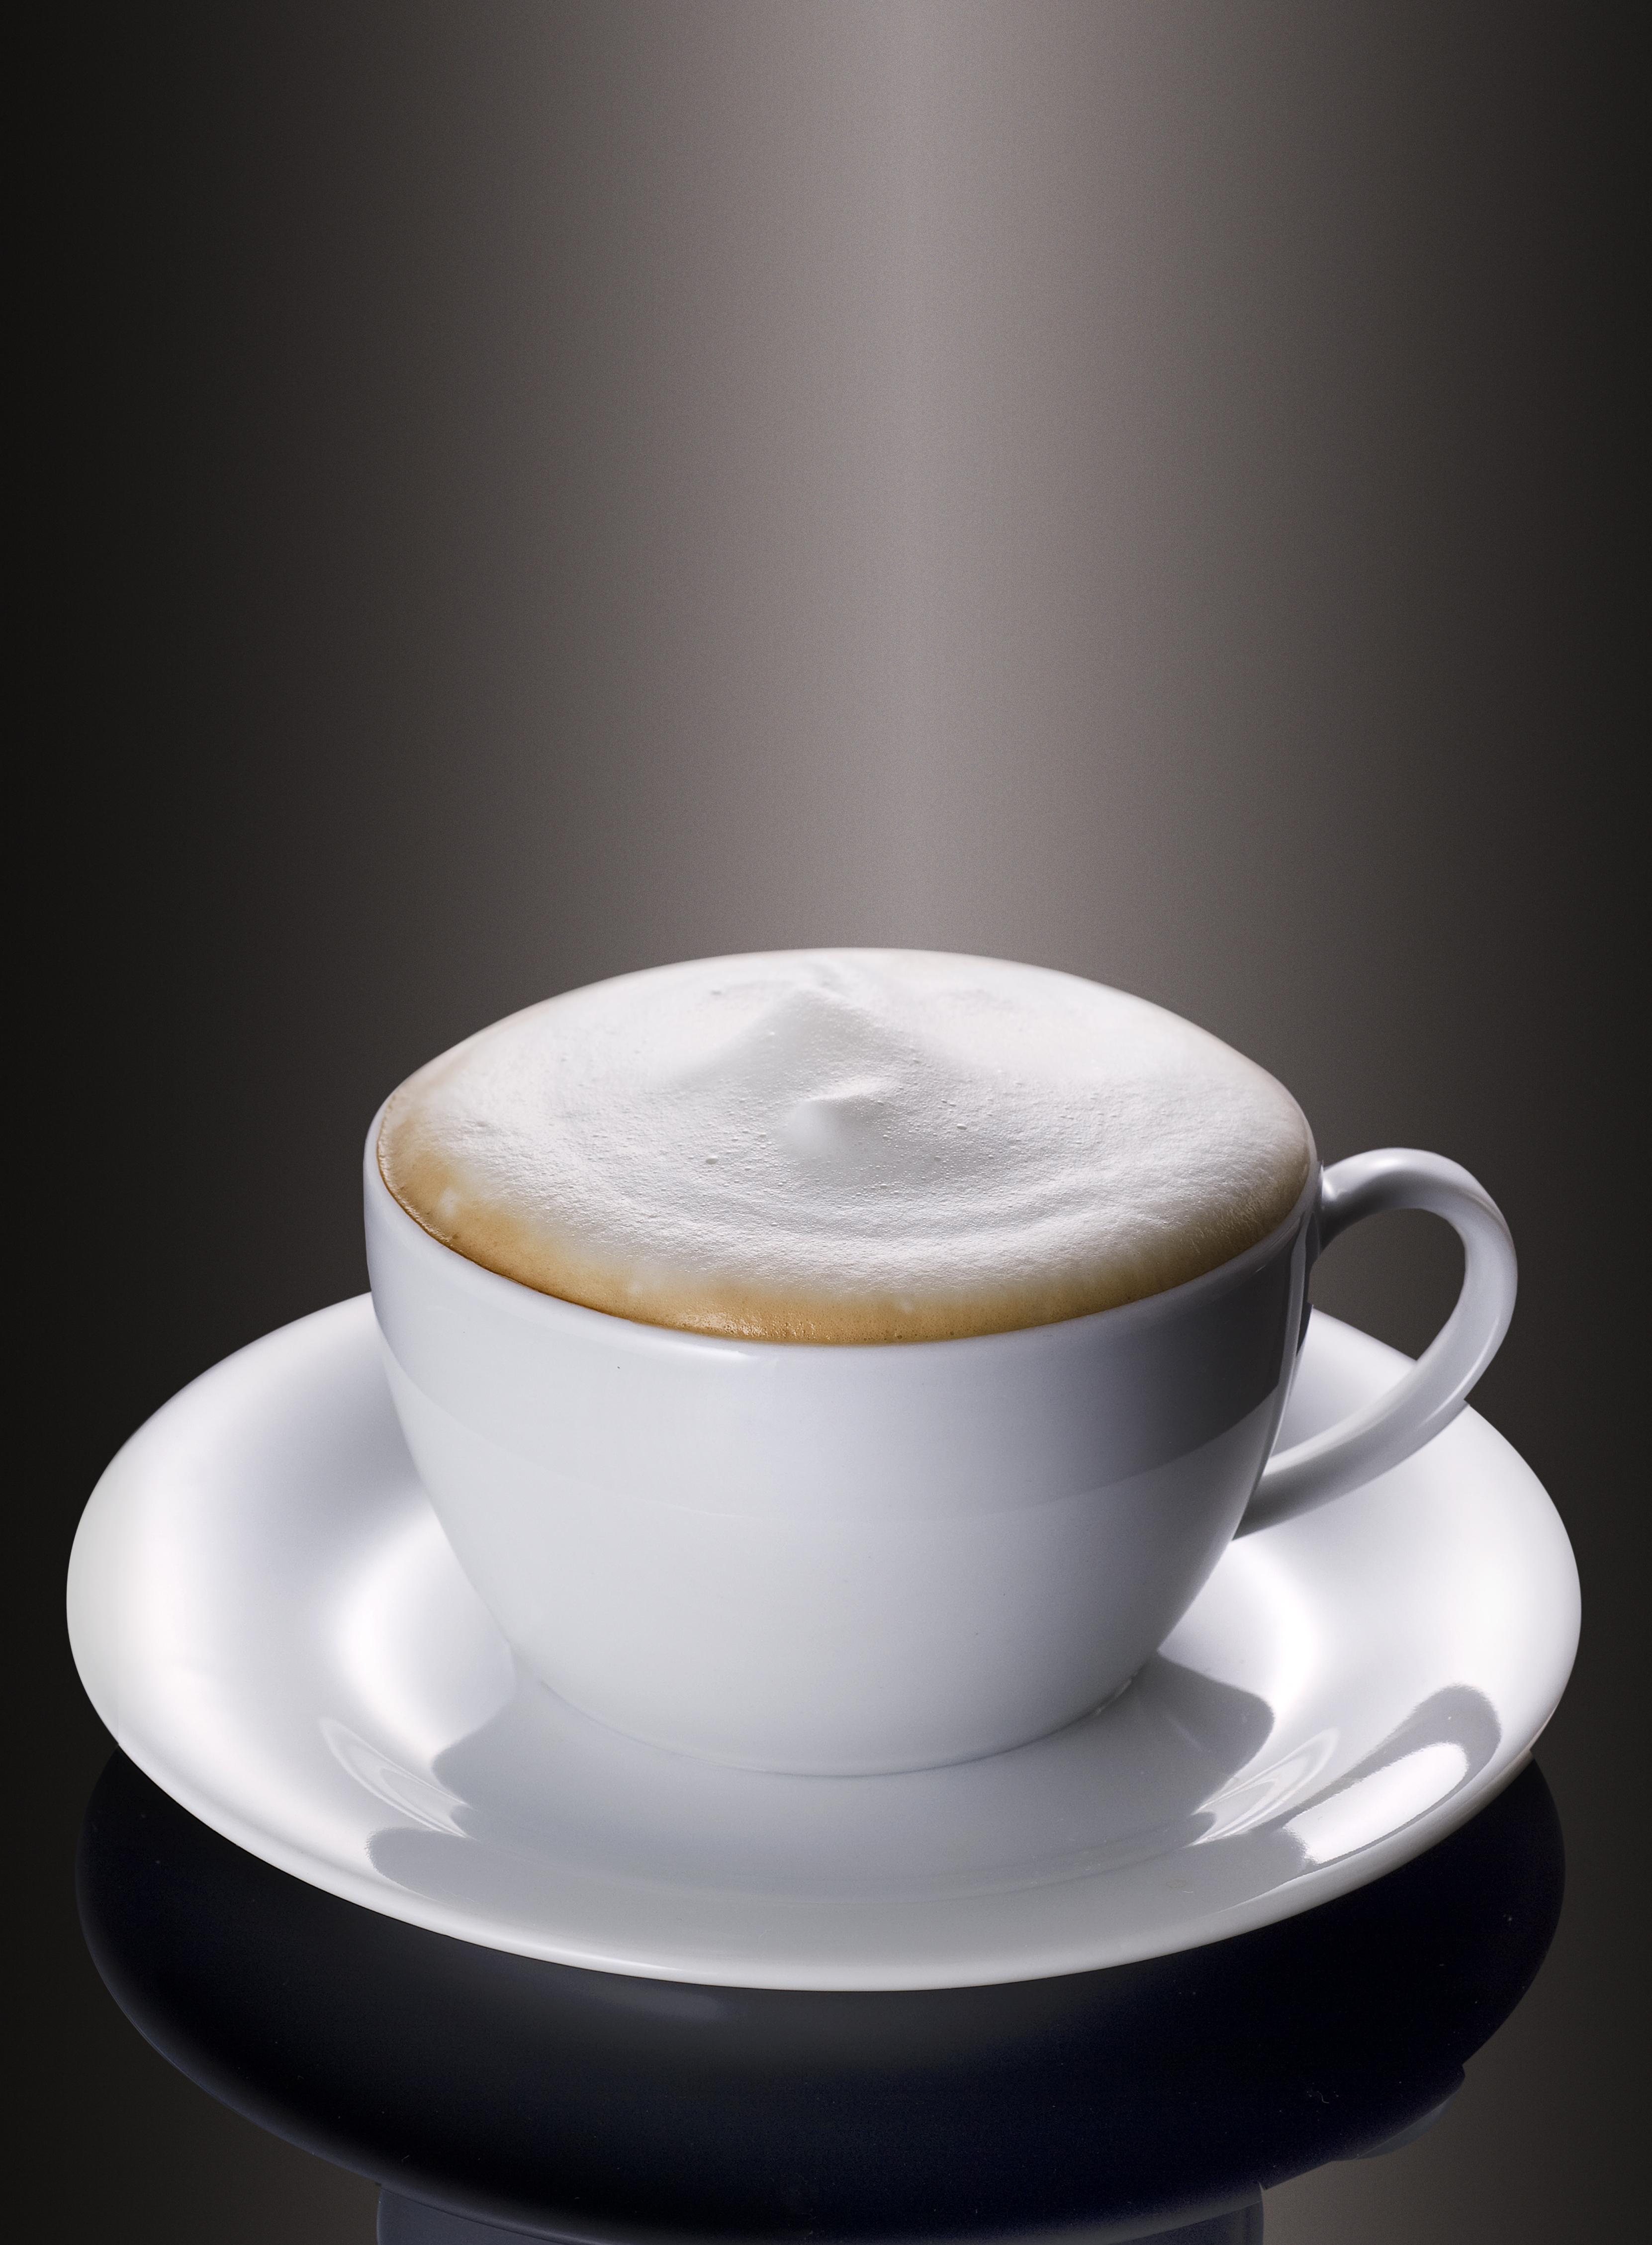 Как сделать пенку на кофе из молока фото 299